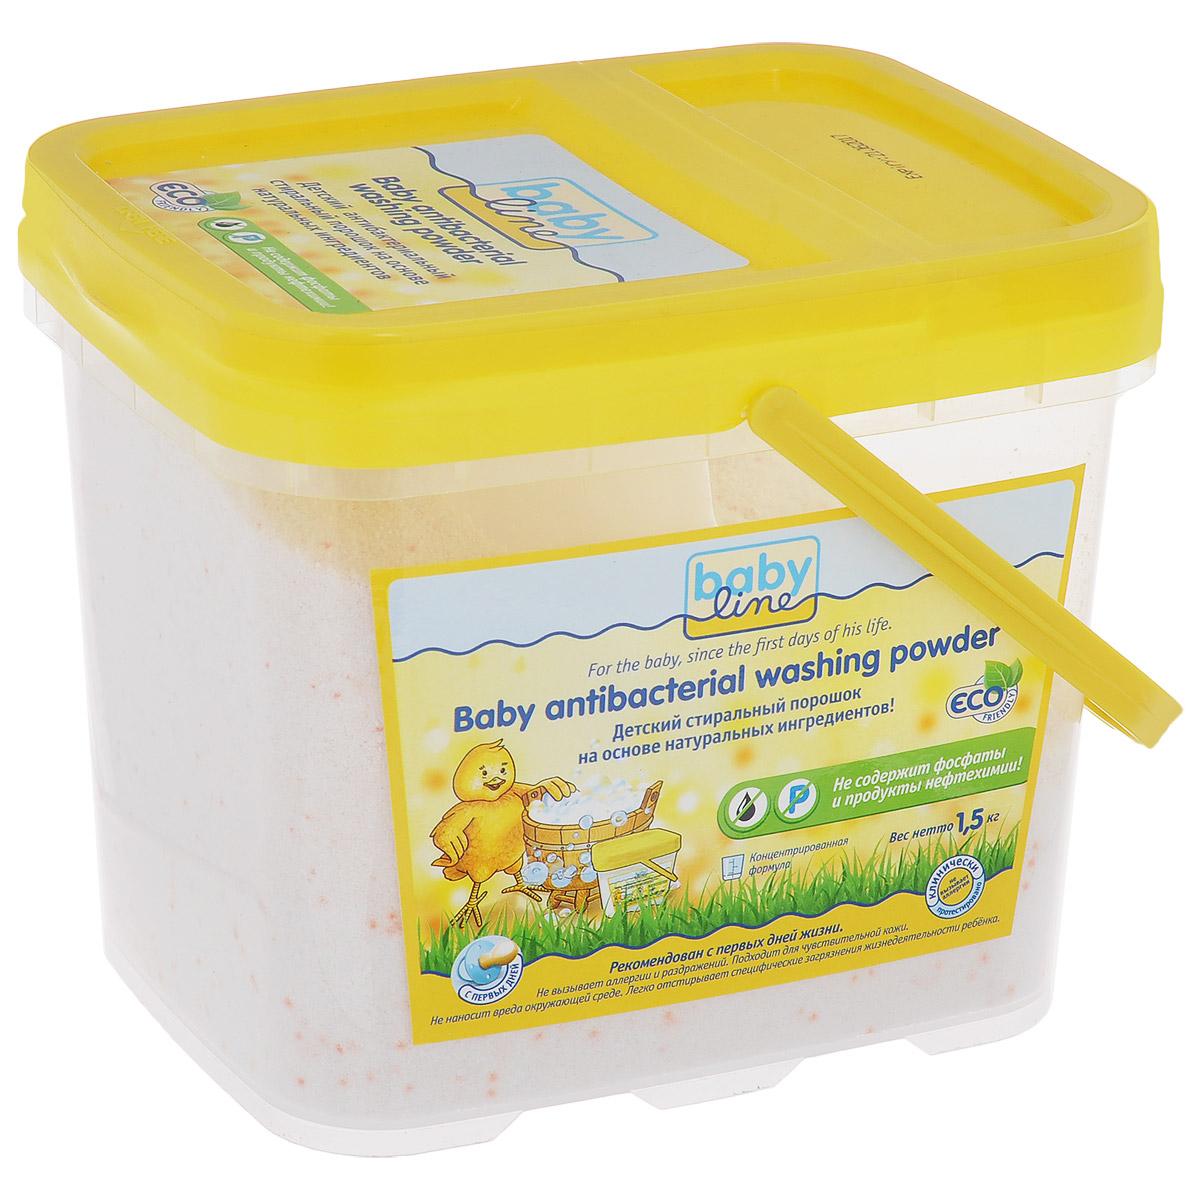 Babyline Стиральный порошок, детский, на основе натуральных ингридиентов, 1,5 кгDB003Детский стиральный порошок на основе натуральных ингредиентов (Концентрат! 1,5 кг = 25 стирок). Рекомендован с первых дней жизни! Не содержит фосфатов и продуктов нефтехимии! Не наносит вреда окружающей среде. Не вызывает аллергии и раздражений. Подходит даже для чувствительной кожи. Подходит для стирки в автоматической стиральной машине.